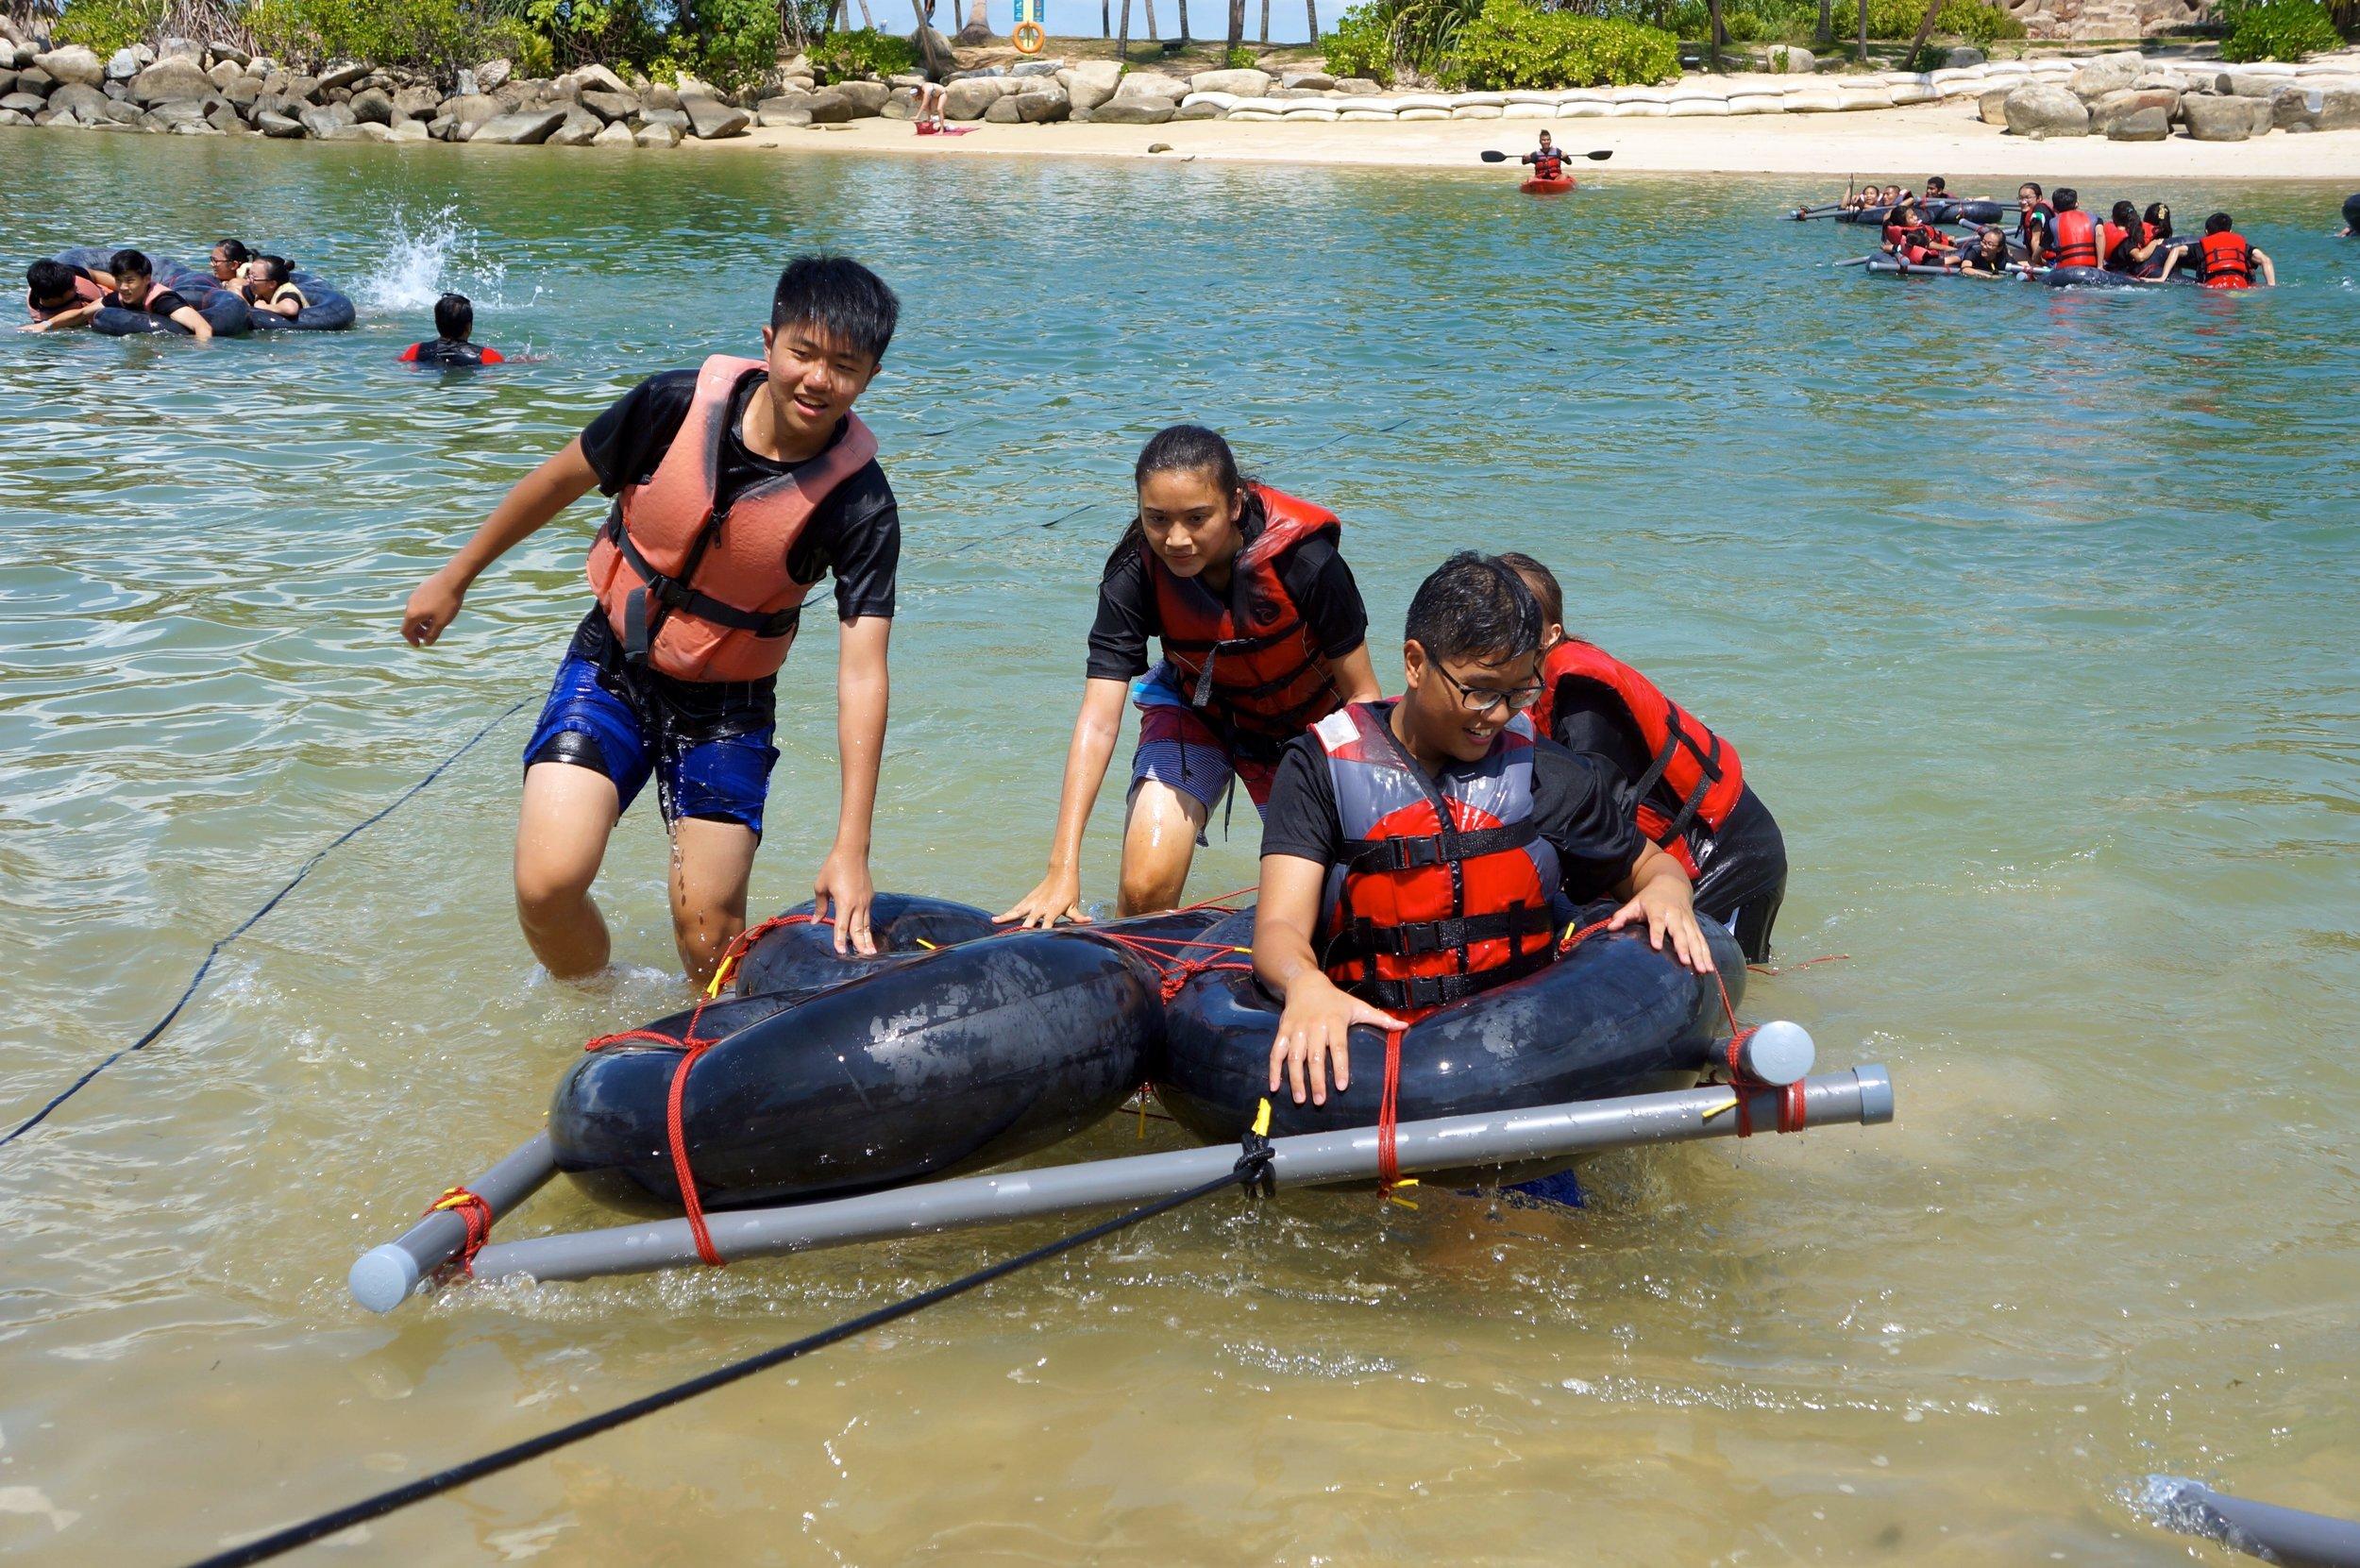 Fun_Activities_Rafting.jpg